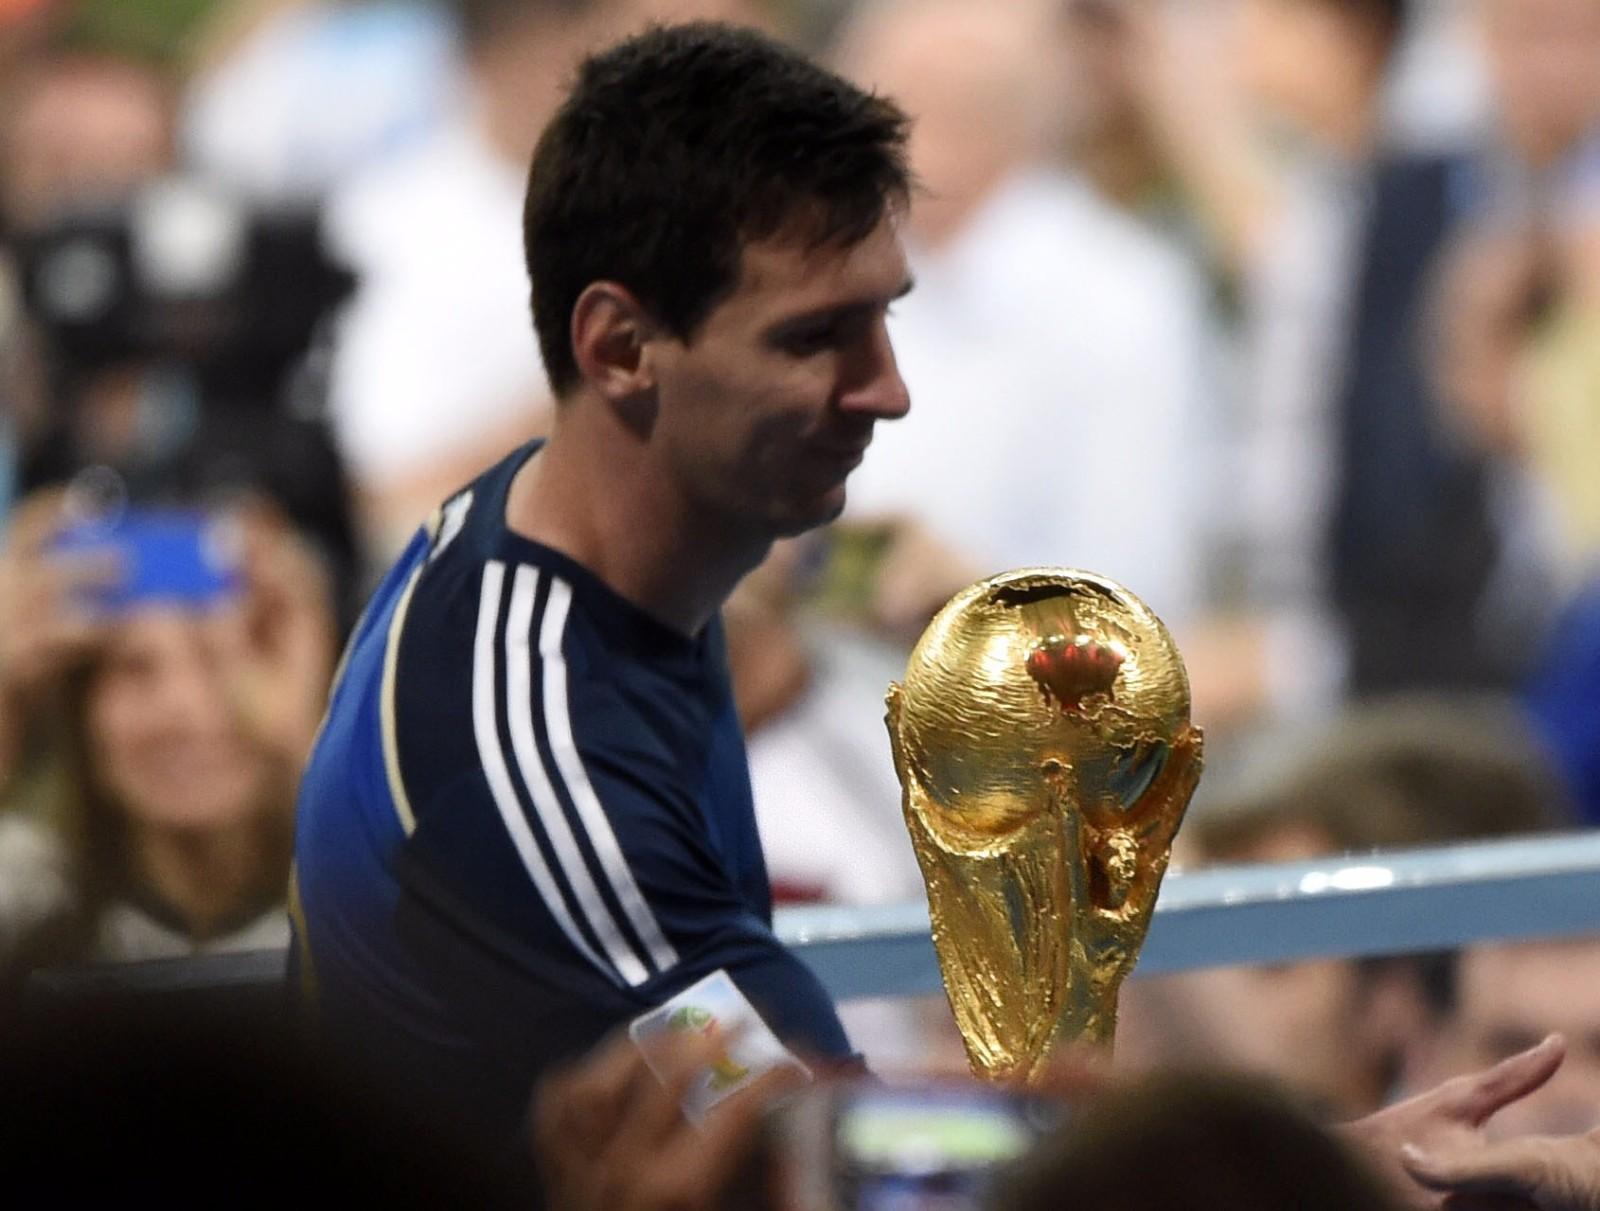 2014年巴西世界杯决赛,梅西率领的阿根廷队与德国队在90分钟内战成0比0平。最终通过加时赛,阿根廷队以0比1负于德国队,获得亚军。梅西与大力神杯擦肩而过(2014年7月13日摄)。